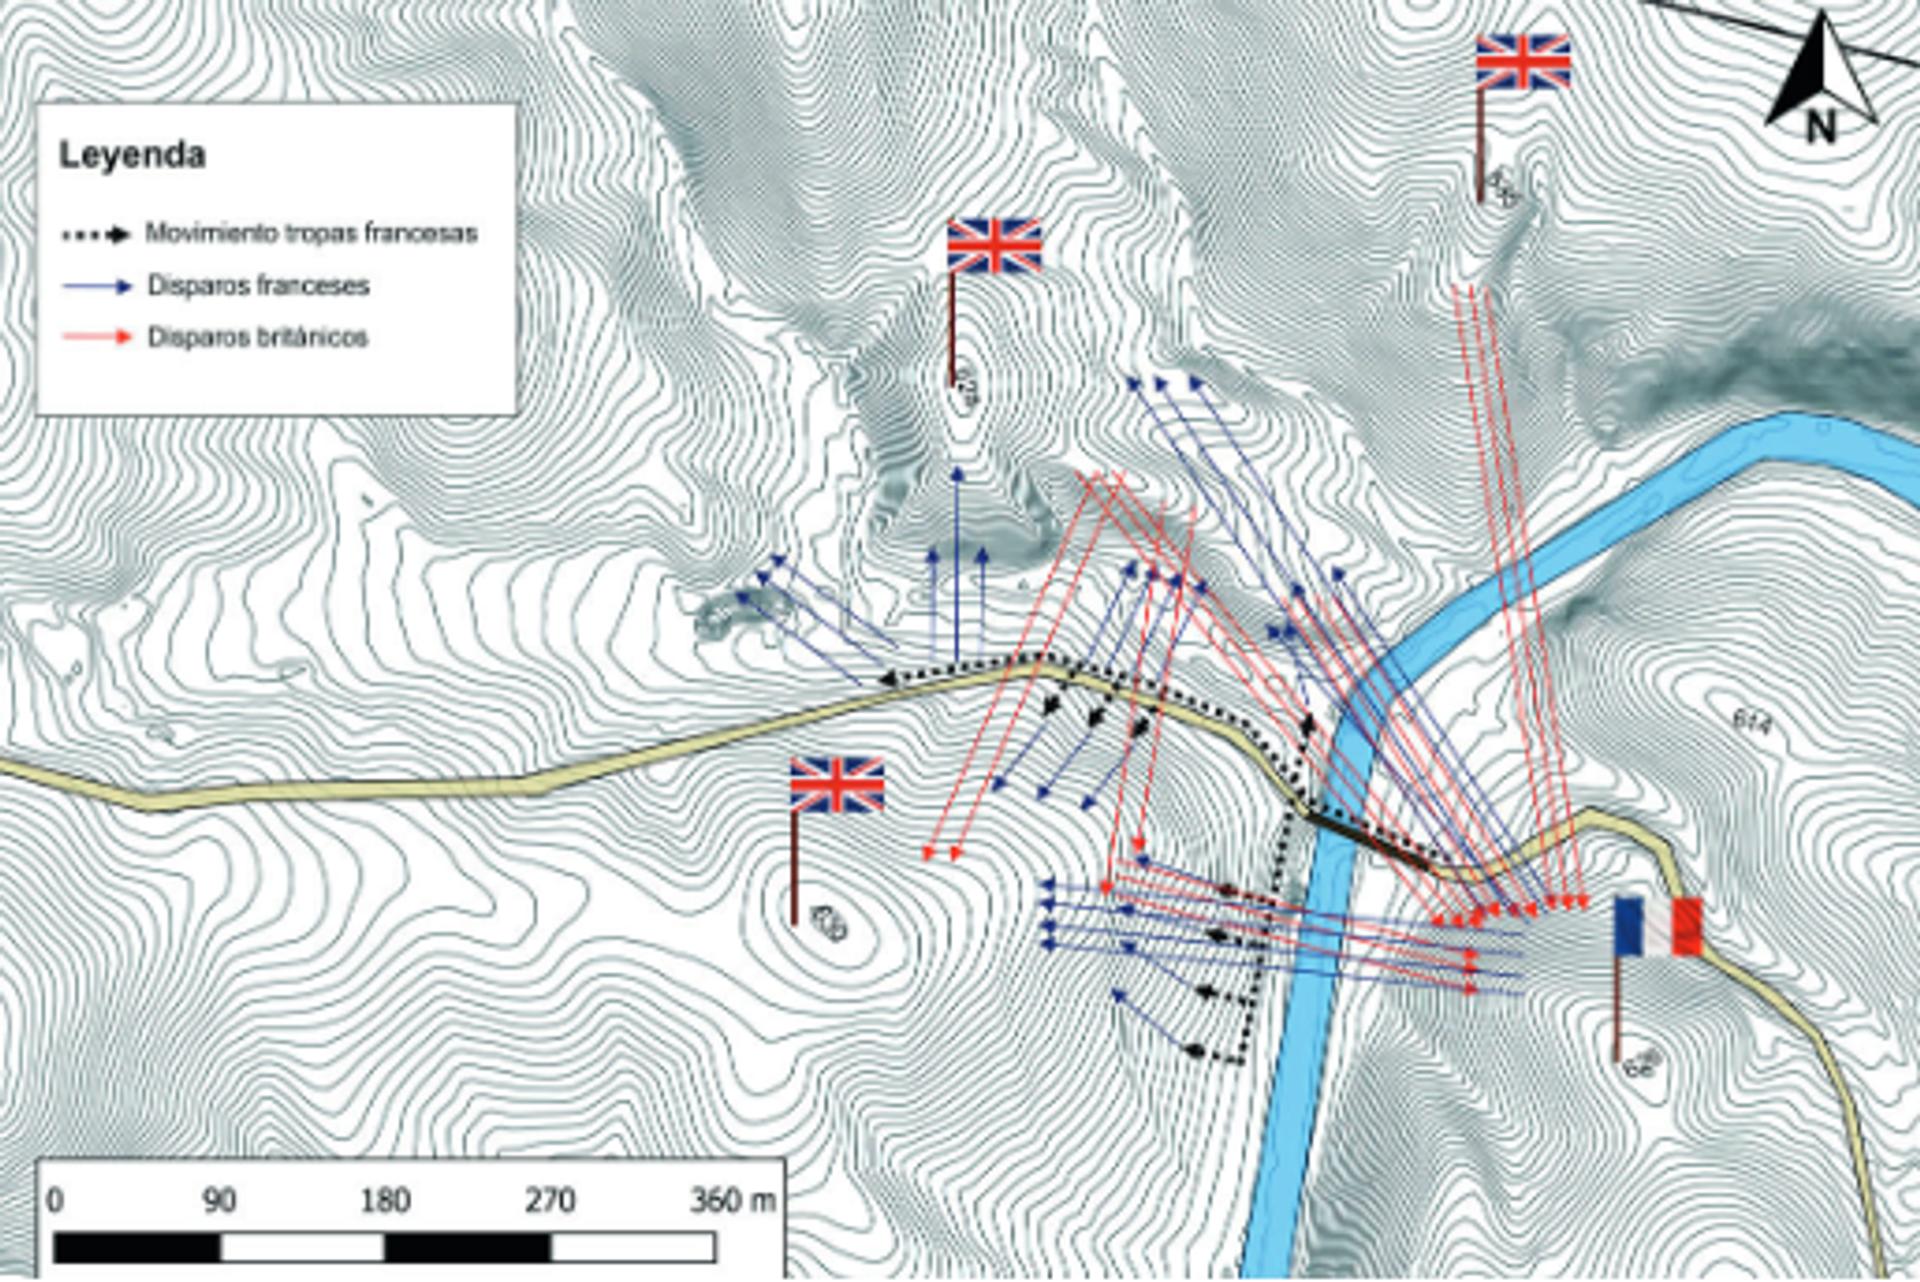 Mapa de las direcciones a las que apuntaban los fusiles británicos y franceses - Sputnik Mundo, 1920, 29.07.2021